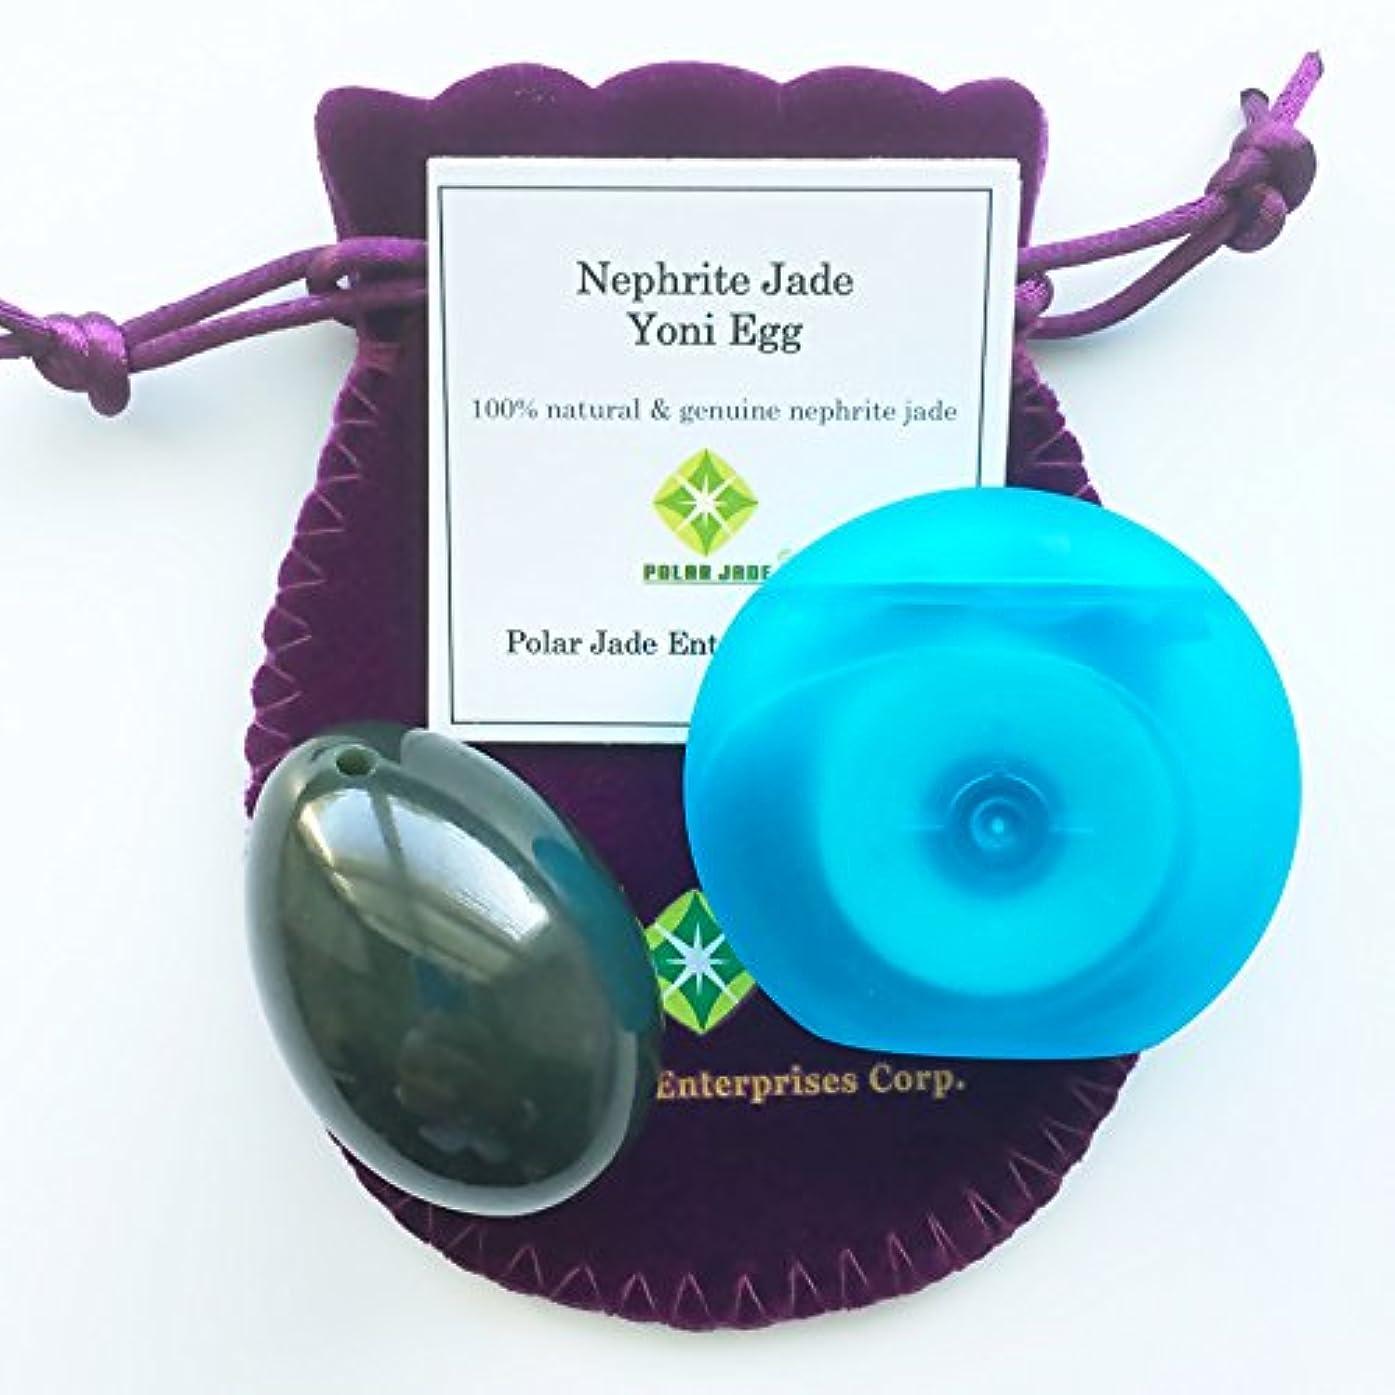 詩減る優越ネフライト翡翠卵(ジェイドエッグ)、紐穴あり、ワックス加工のされていないデンタルフロス一箱同梱、品質証明書及びエッグ?エクササイズの使用説明書(英語)付き、パワーストーンとしても好適 (Nephrite Jade Egg with Unwaxed Dental Floss), by Polar Jade社(Mサイズ(43x30mm))